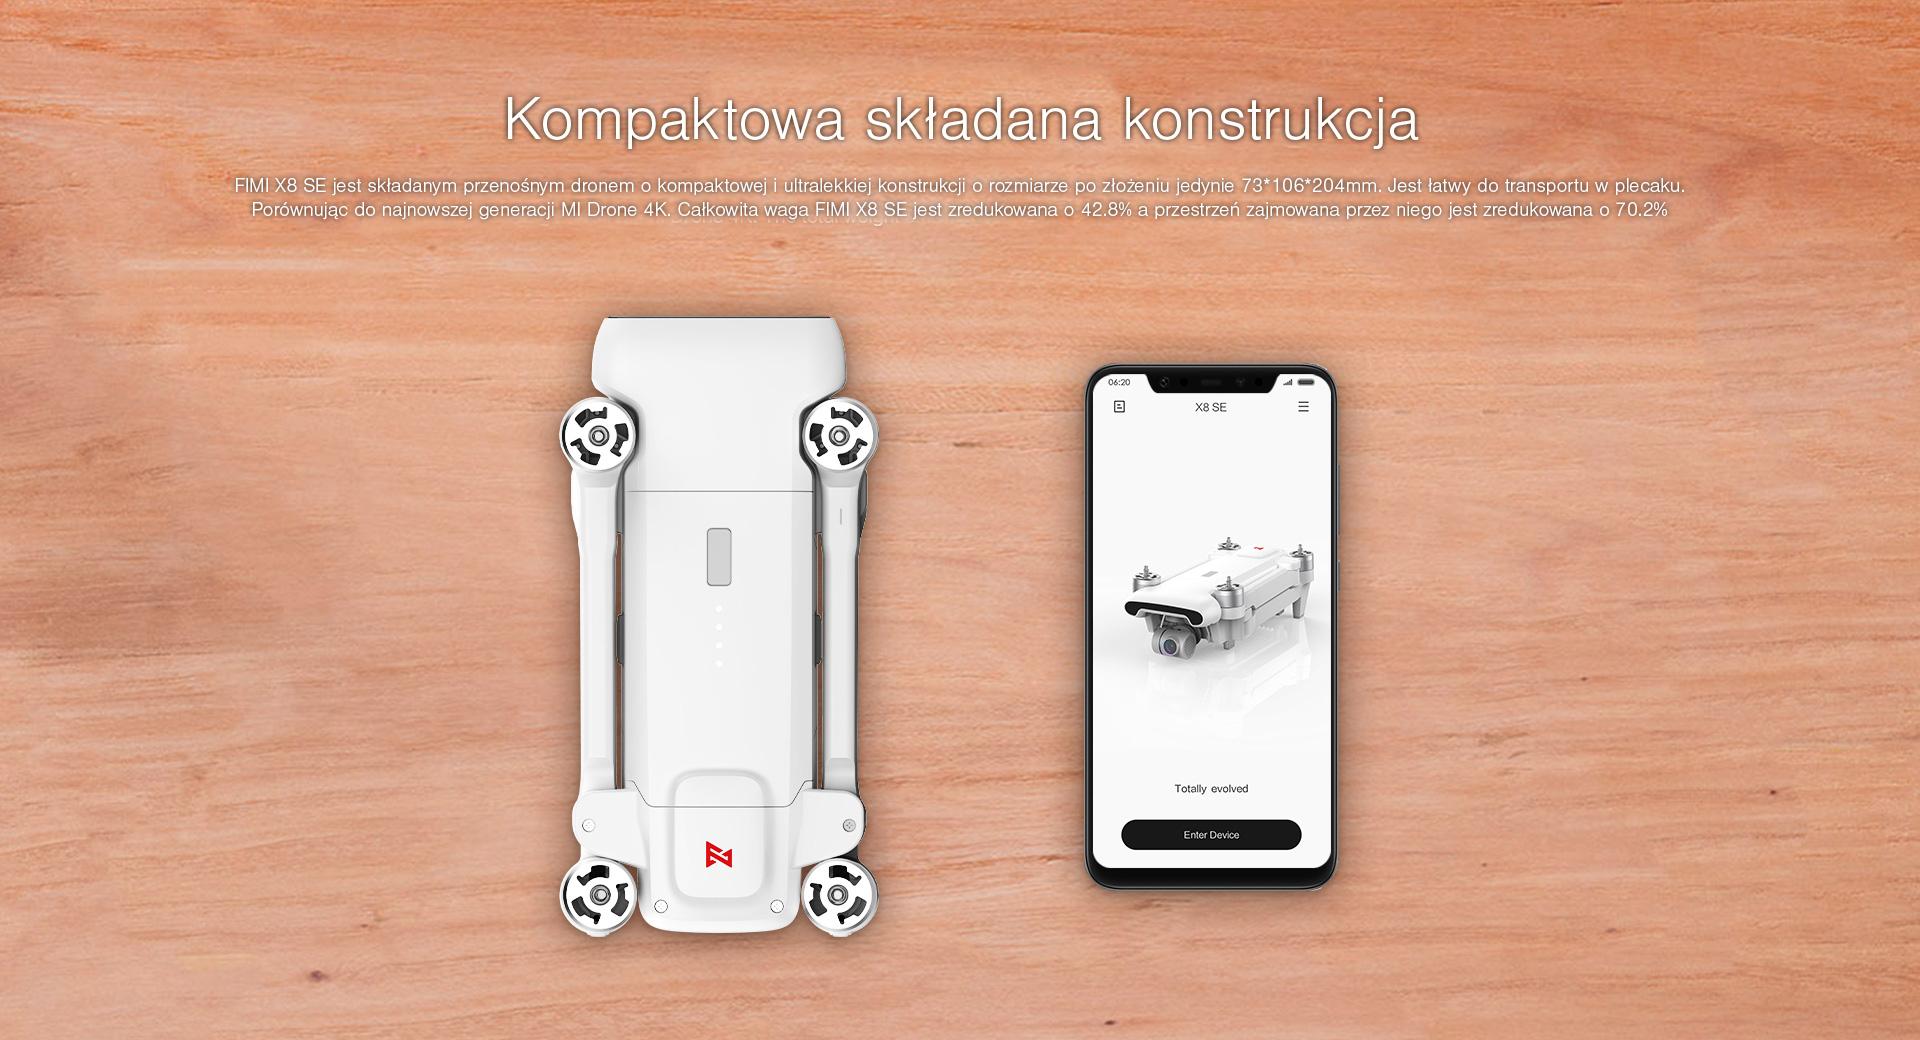 możliwość złożenia i mały rozmiar drona fimi x8 se